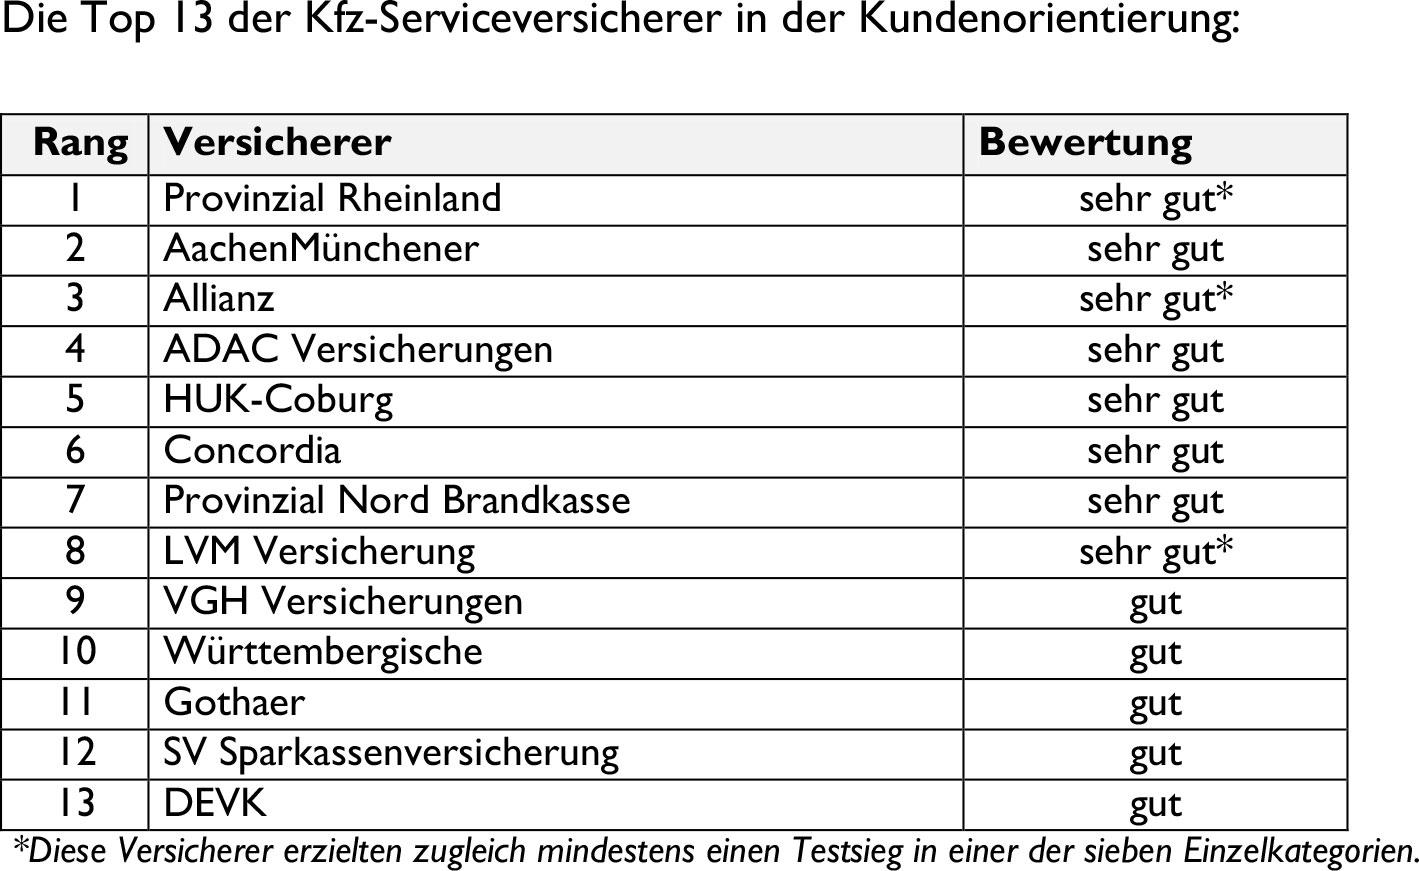 Kfz-Versicherer aus Kundensicht